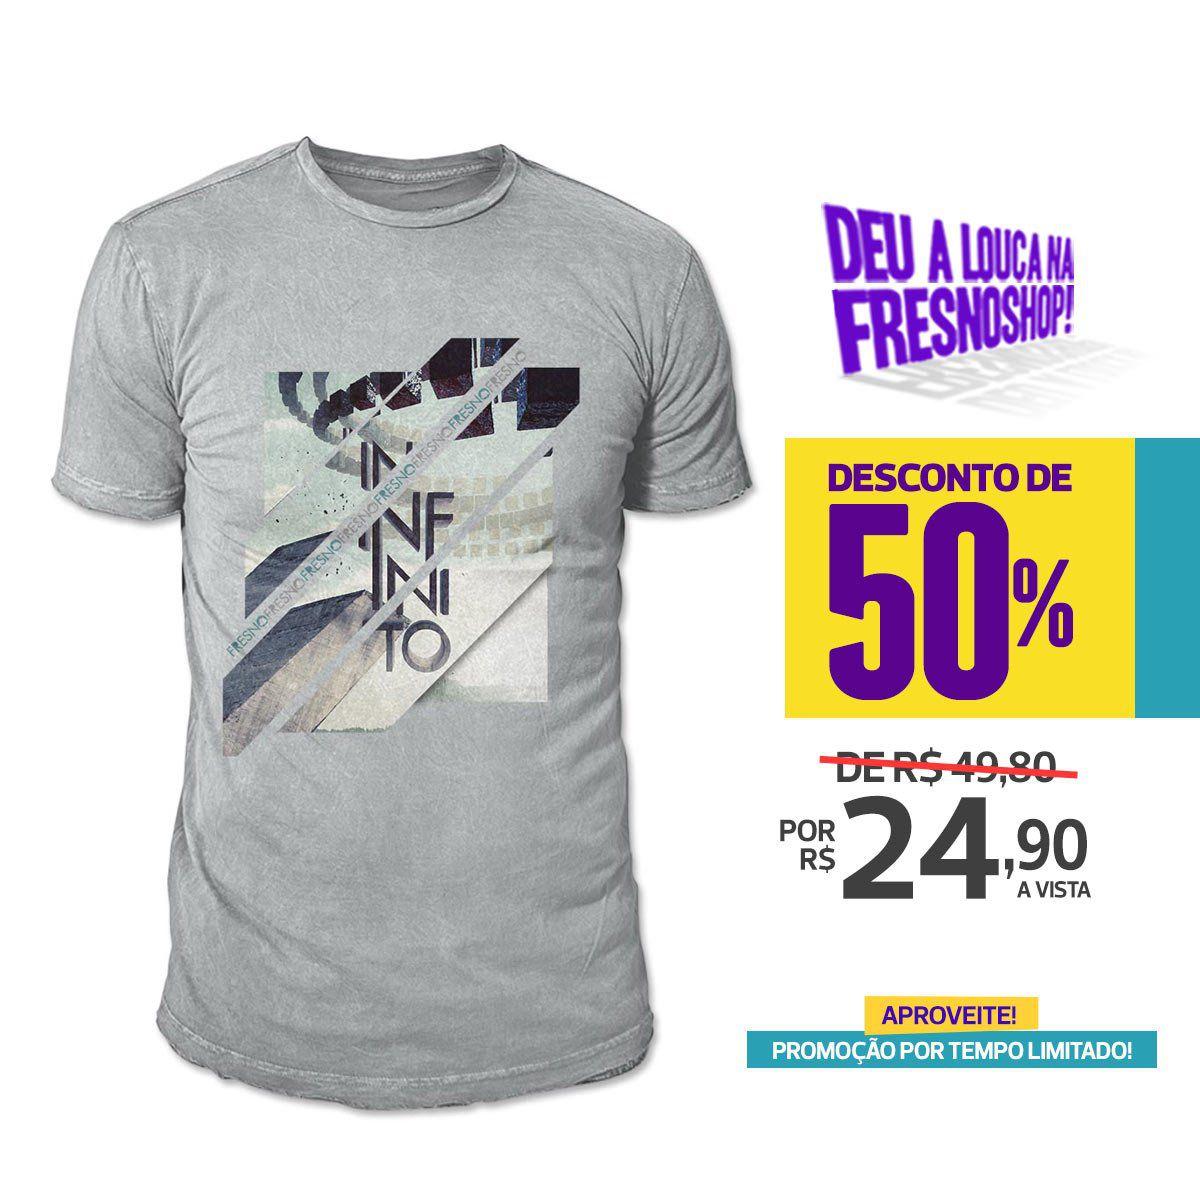 SUPER PROMOÇÃO Fresno - Camiseta Masculina Infinito CINZA